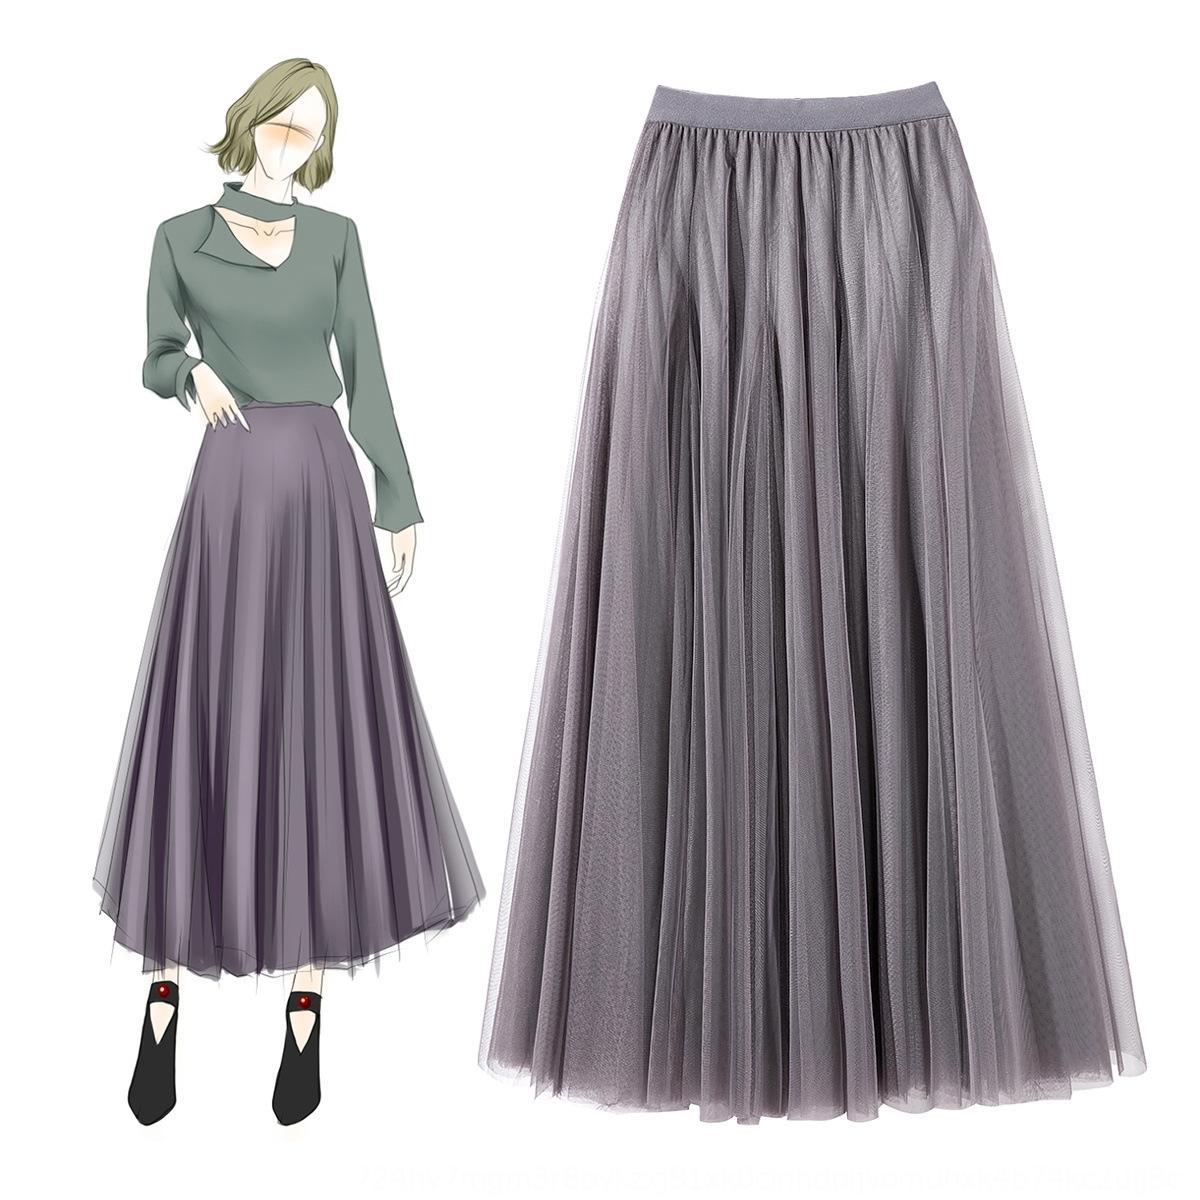 1qG8v boutique de moda Moda Mujer Boutique 811305 comienzo de la primavera nueva cintura elástica de malla grande falda de Internet Celebrity delgada dama falda 81